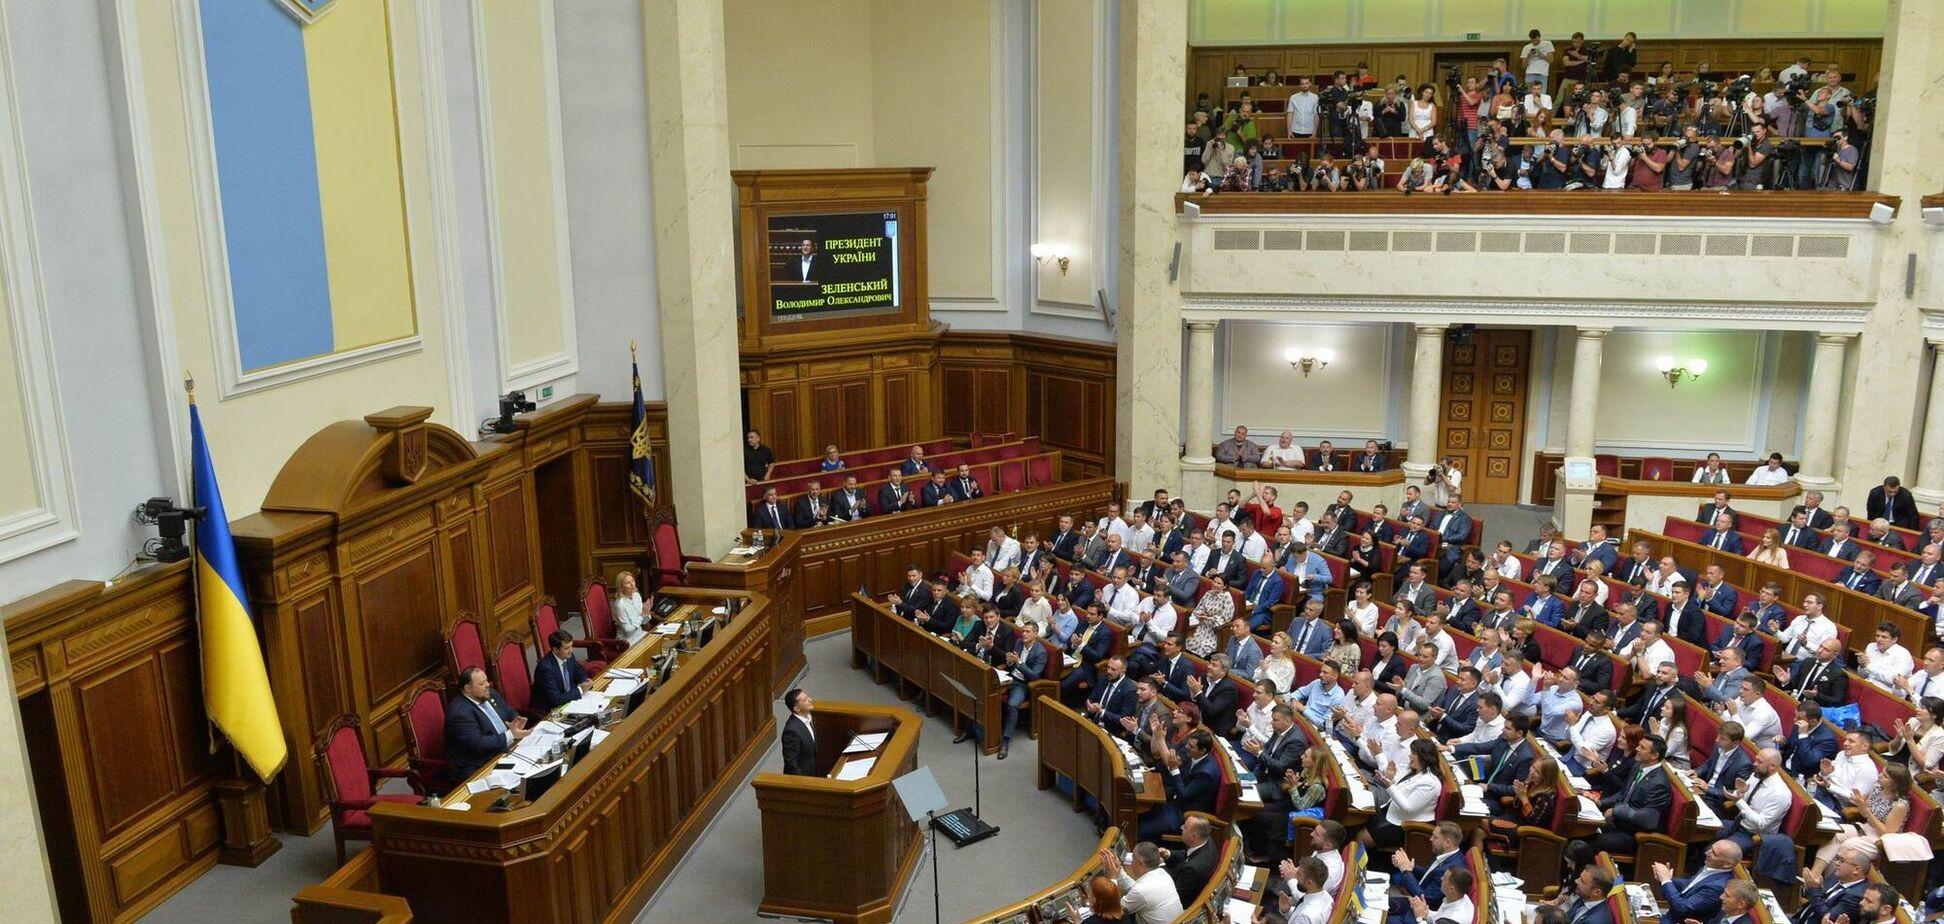 Зеленский созвал внеочередное заседание Рады: дата и темы